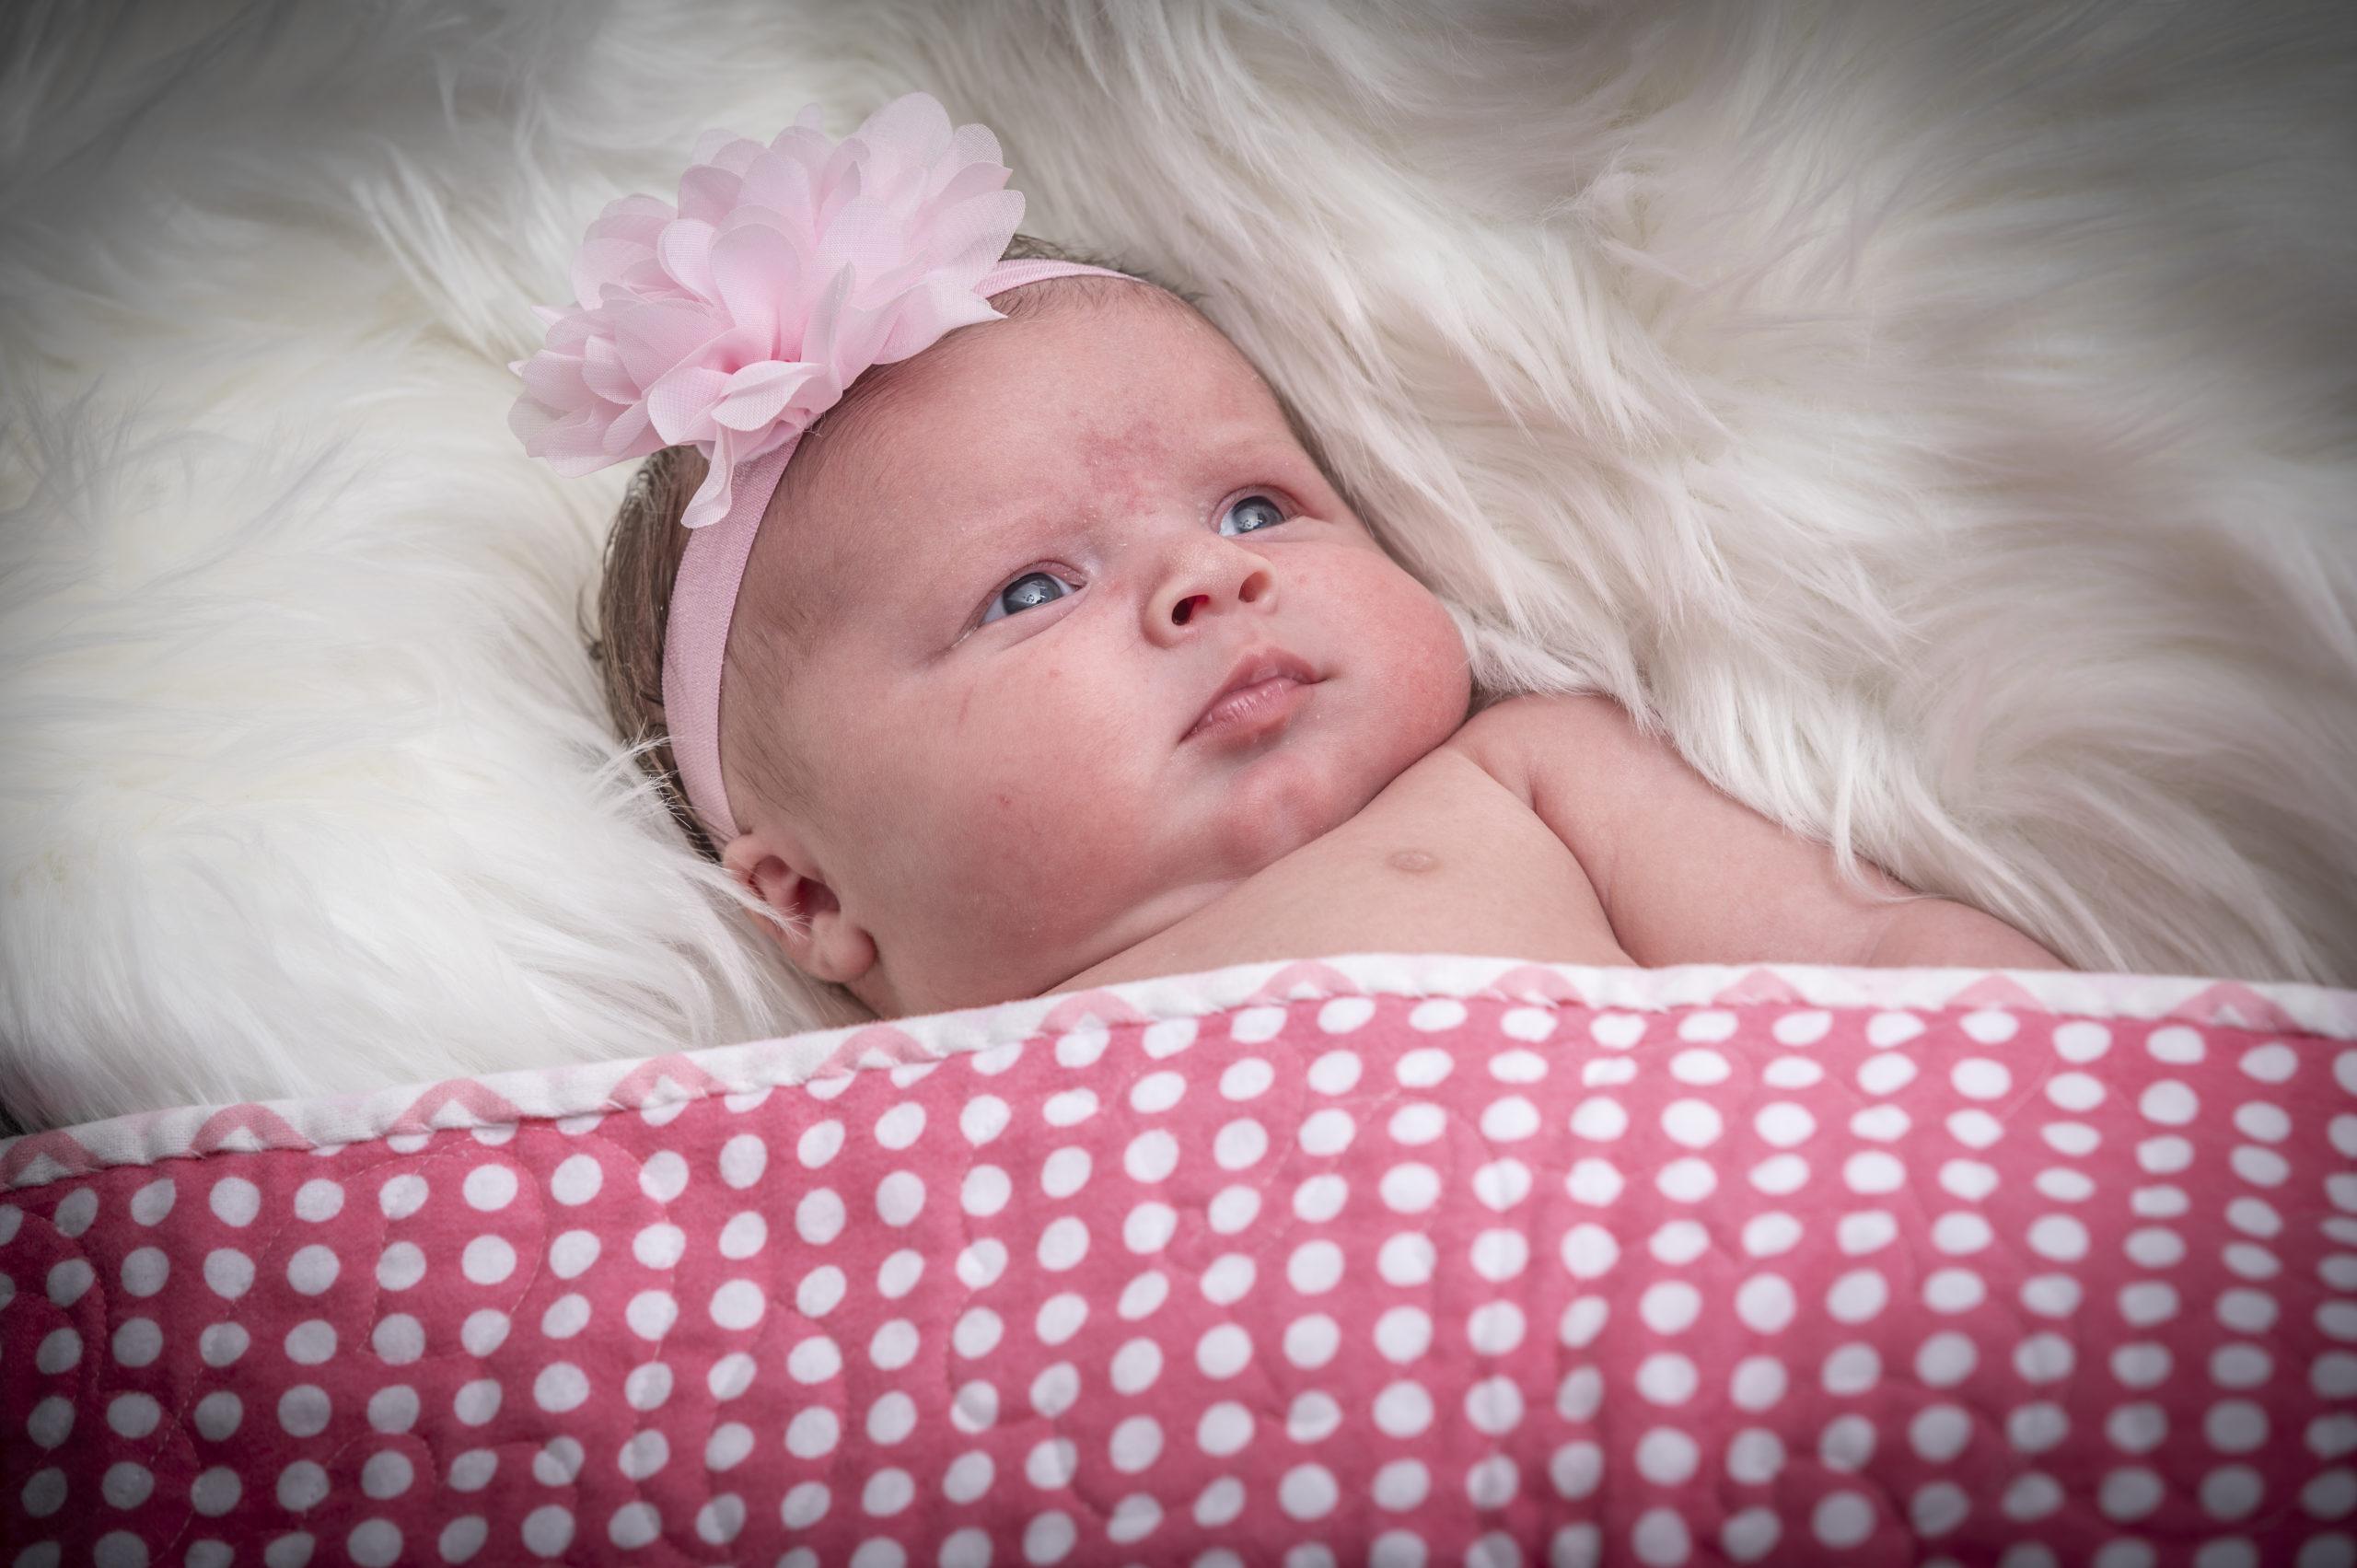 Baby EmilieLynne